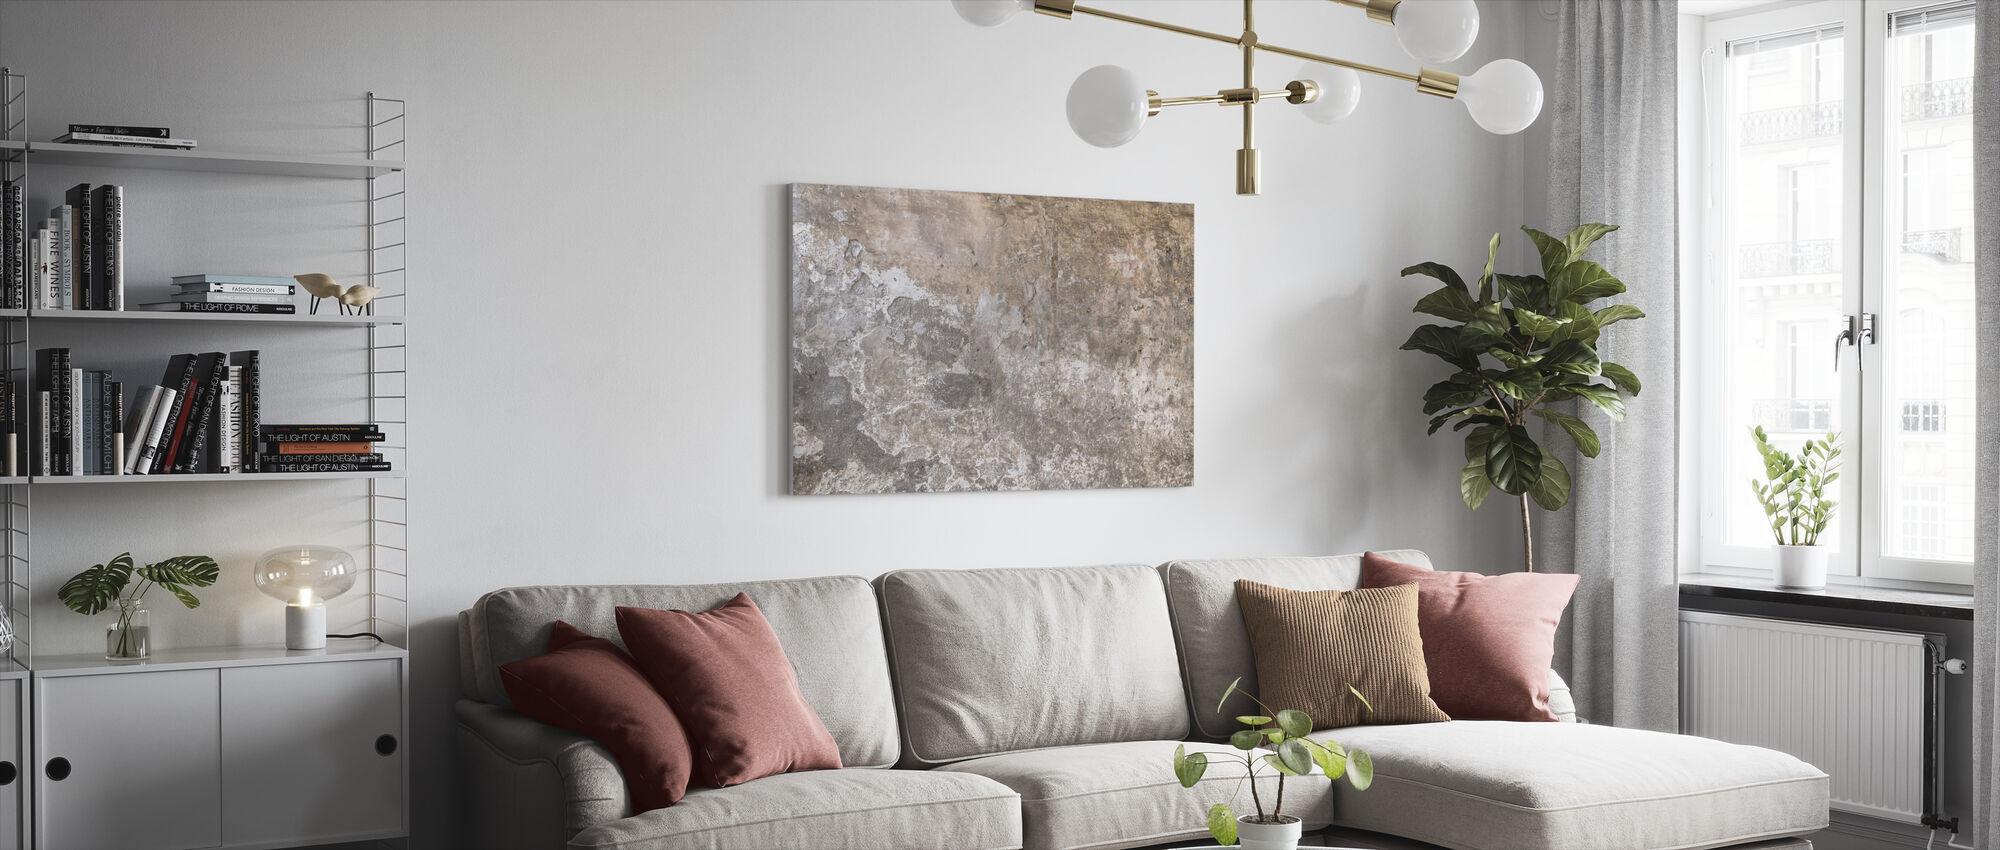 Alte Farbe rissige Wand - Leinwandbild - Wohnzimmer